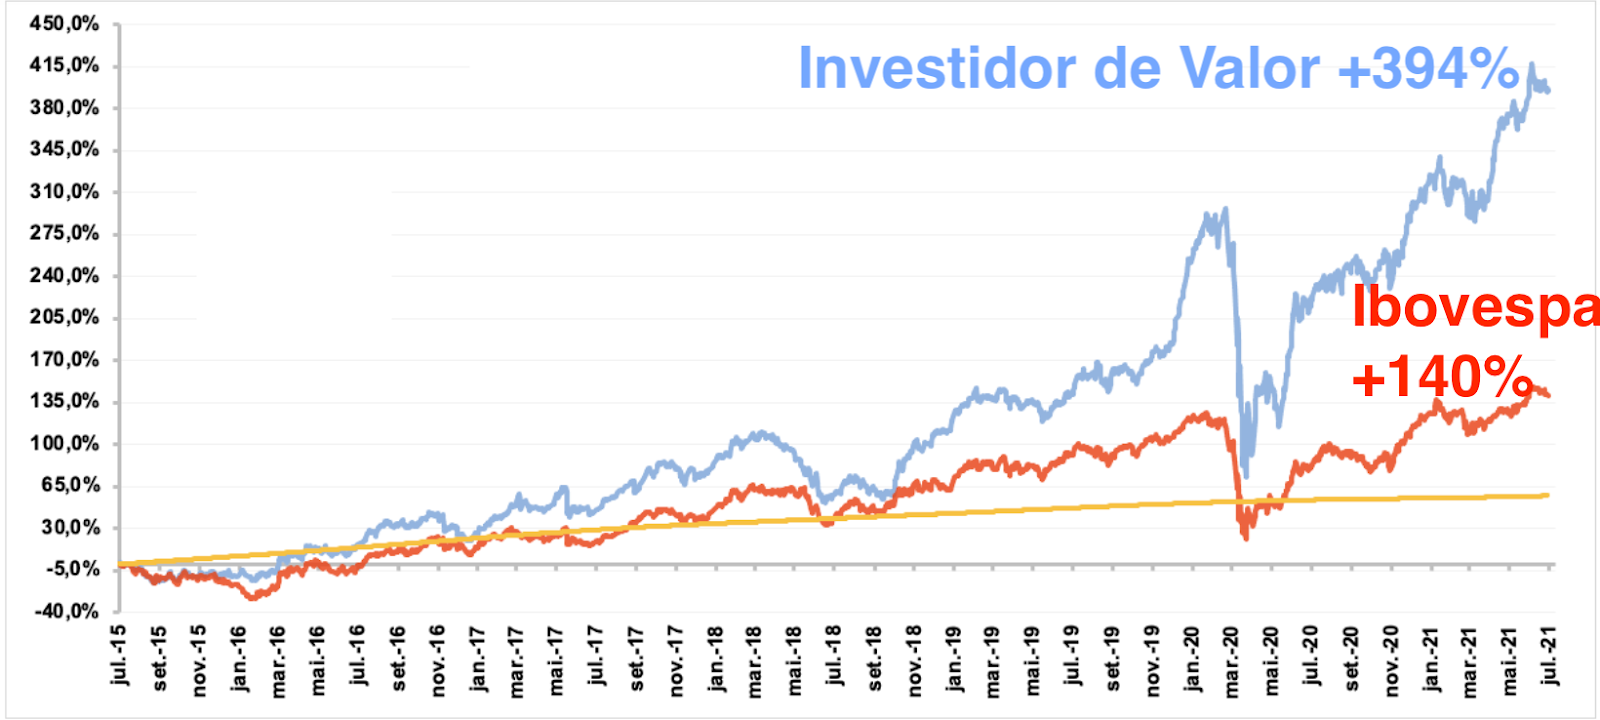 Gráfico apresenta desempenho do Investidor de Valor em comparação com o Ibovespa de jul/15 a jul/21.